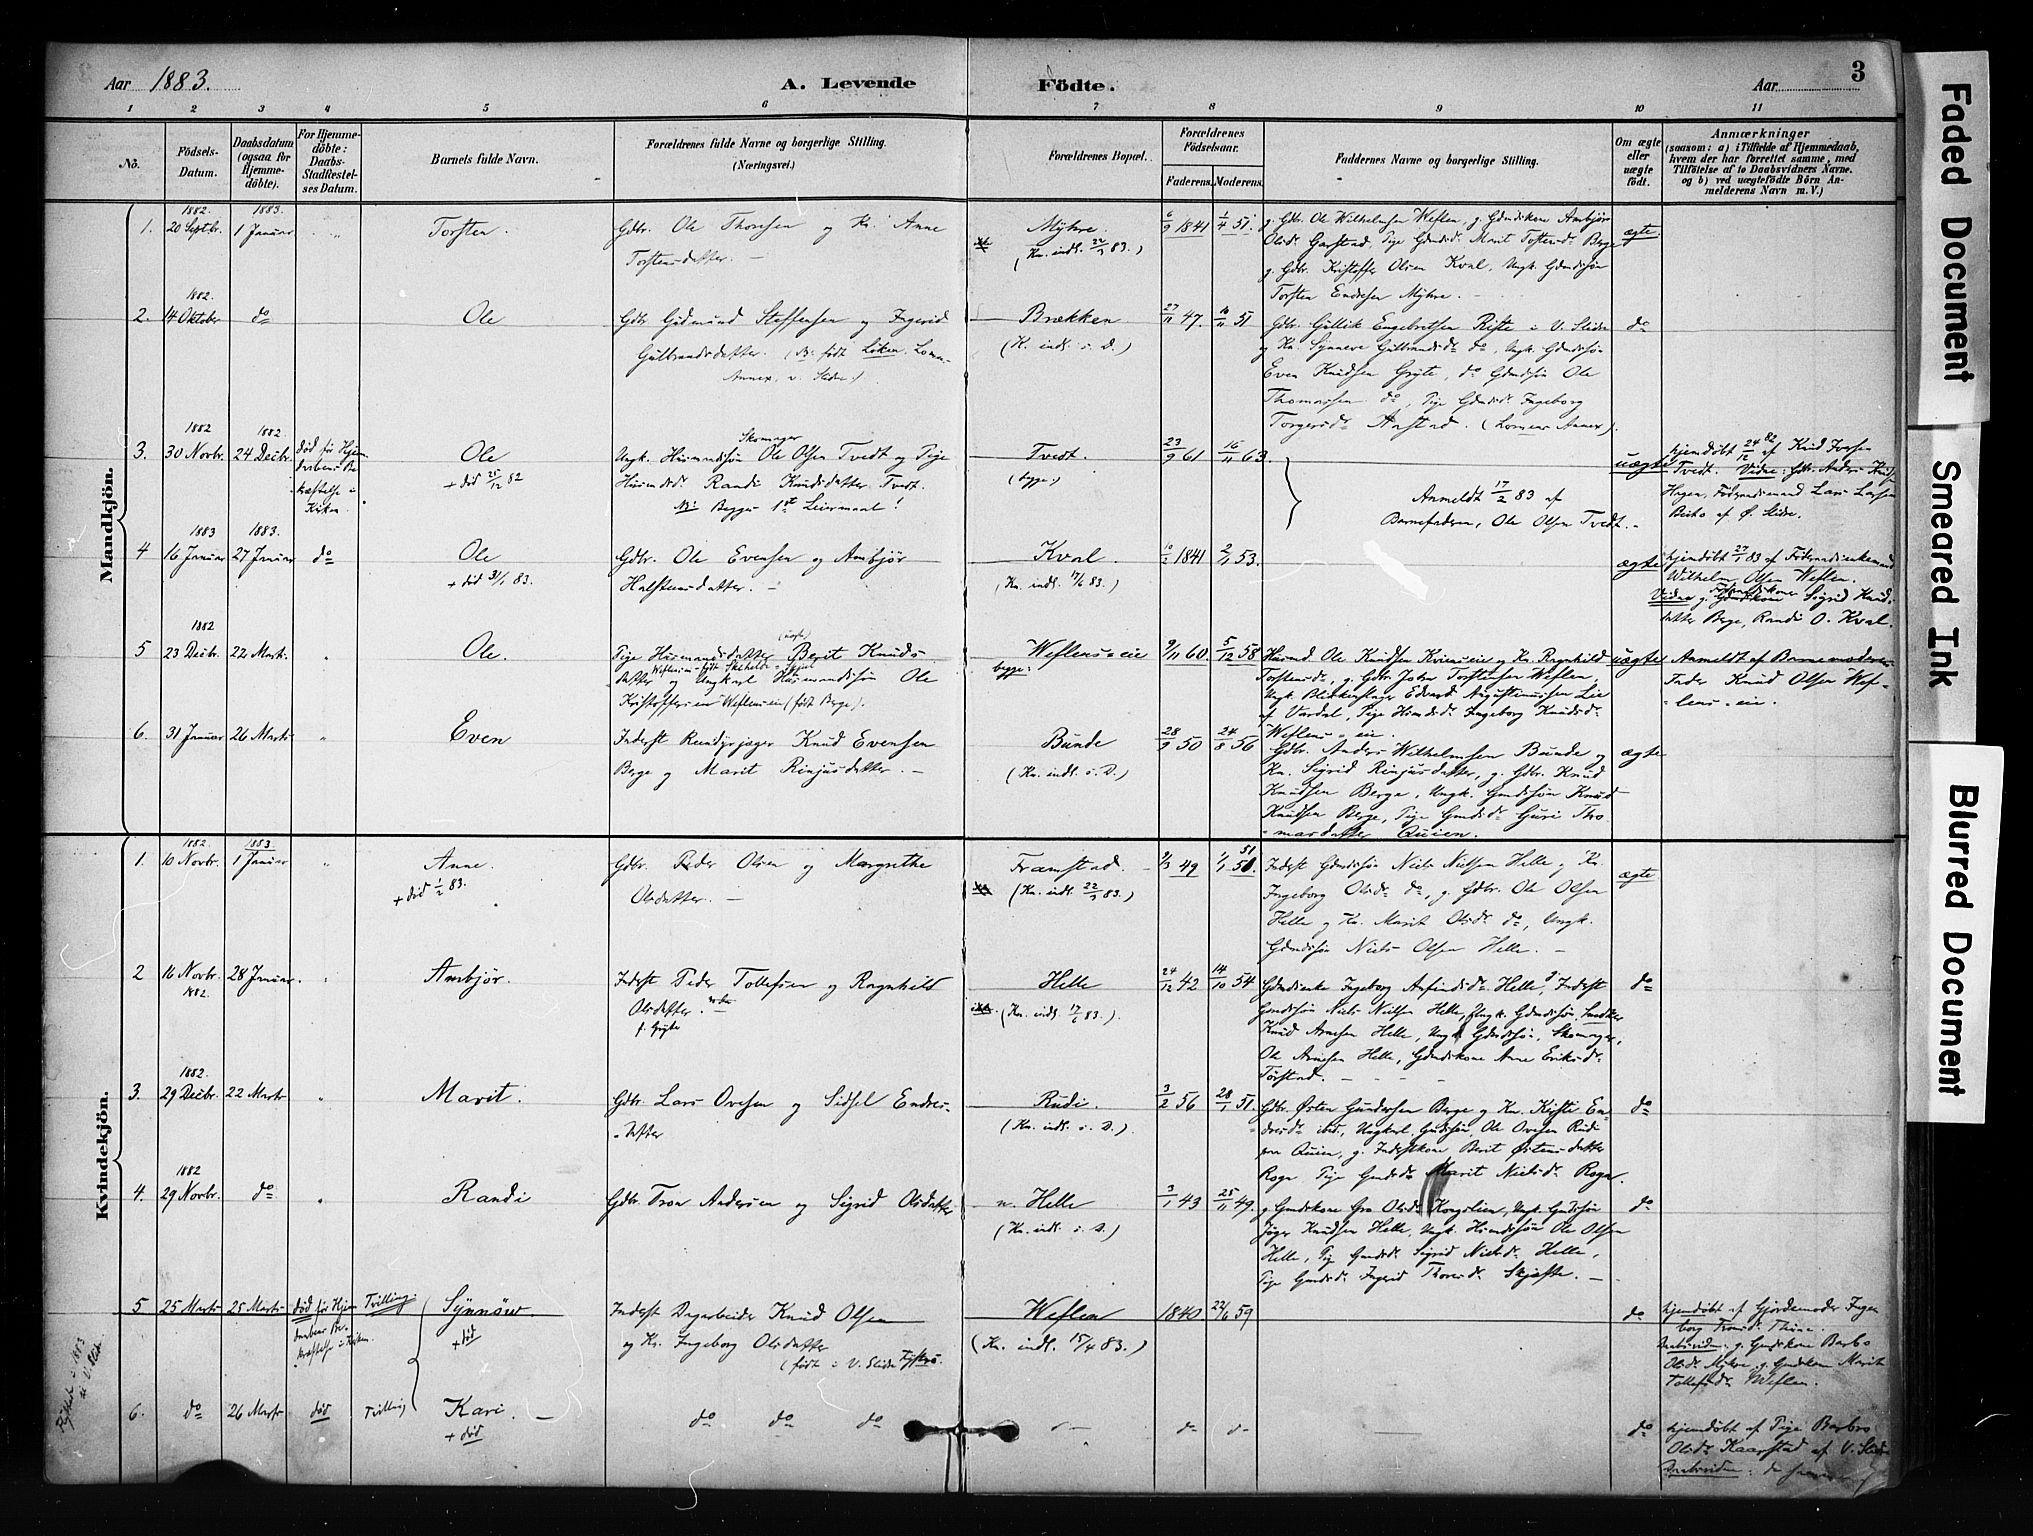 SAH, Vang prestekontor, Valdres, Ministerialbok nr. 9, 1882-1914, s. 3